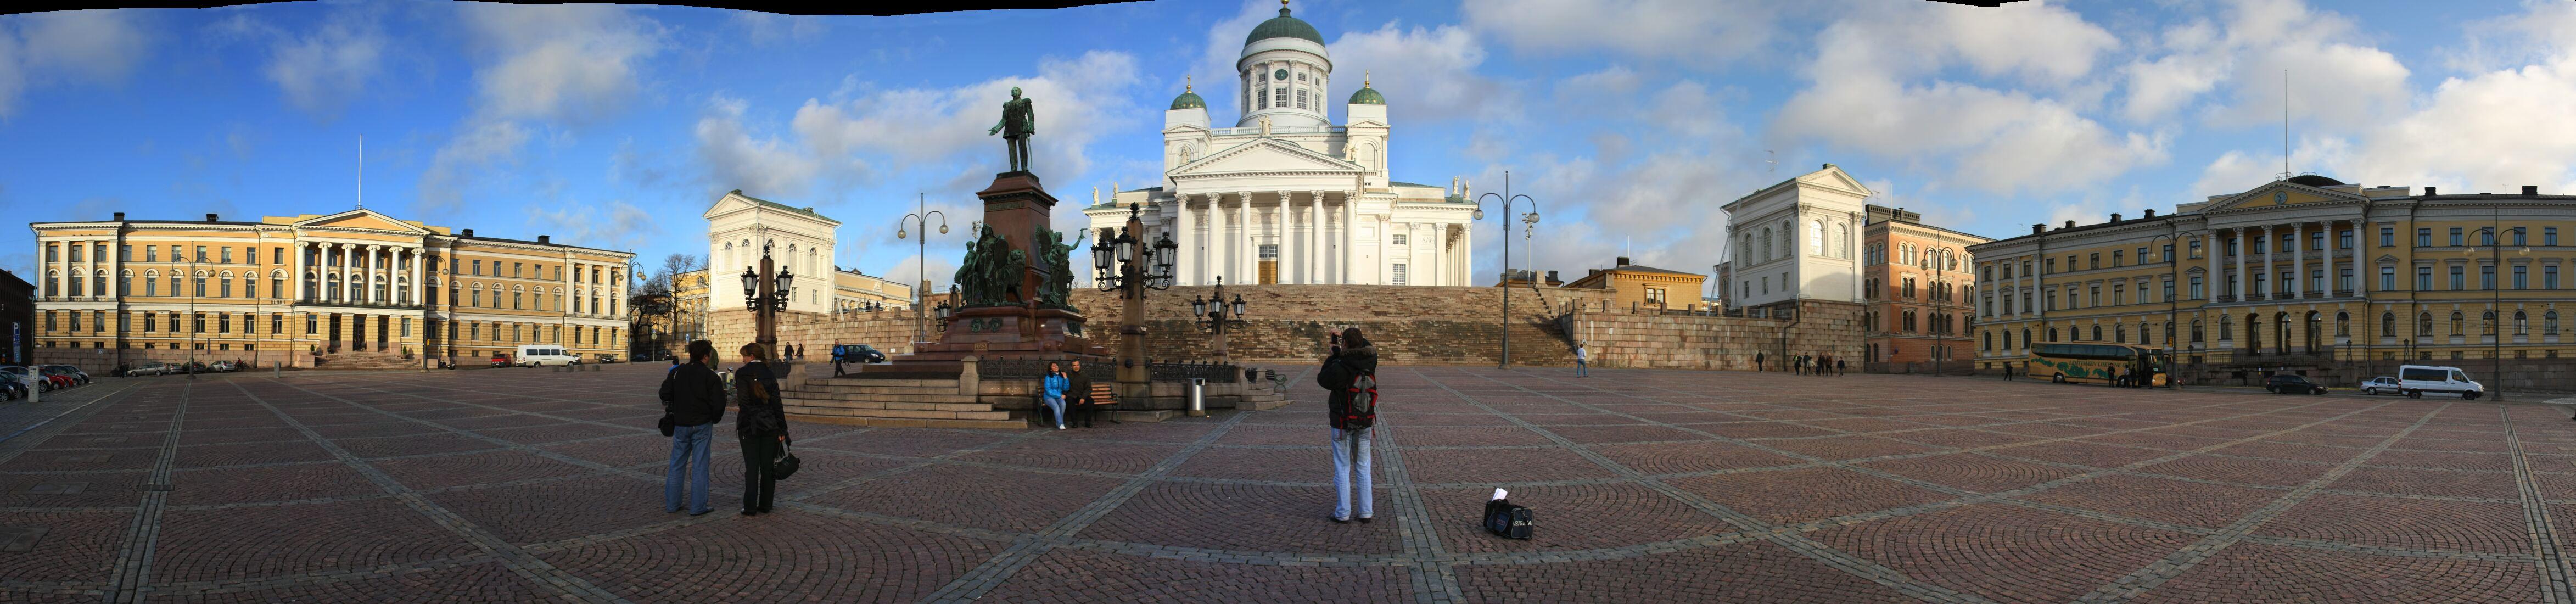 http://pic.templetons.com/brad/pano/baltic/senate-square.jpg